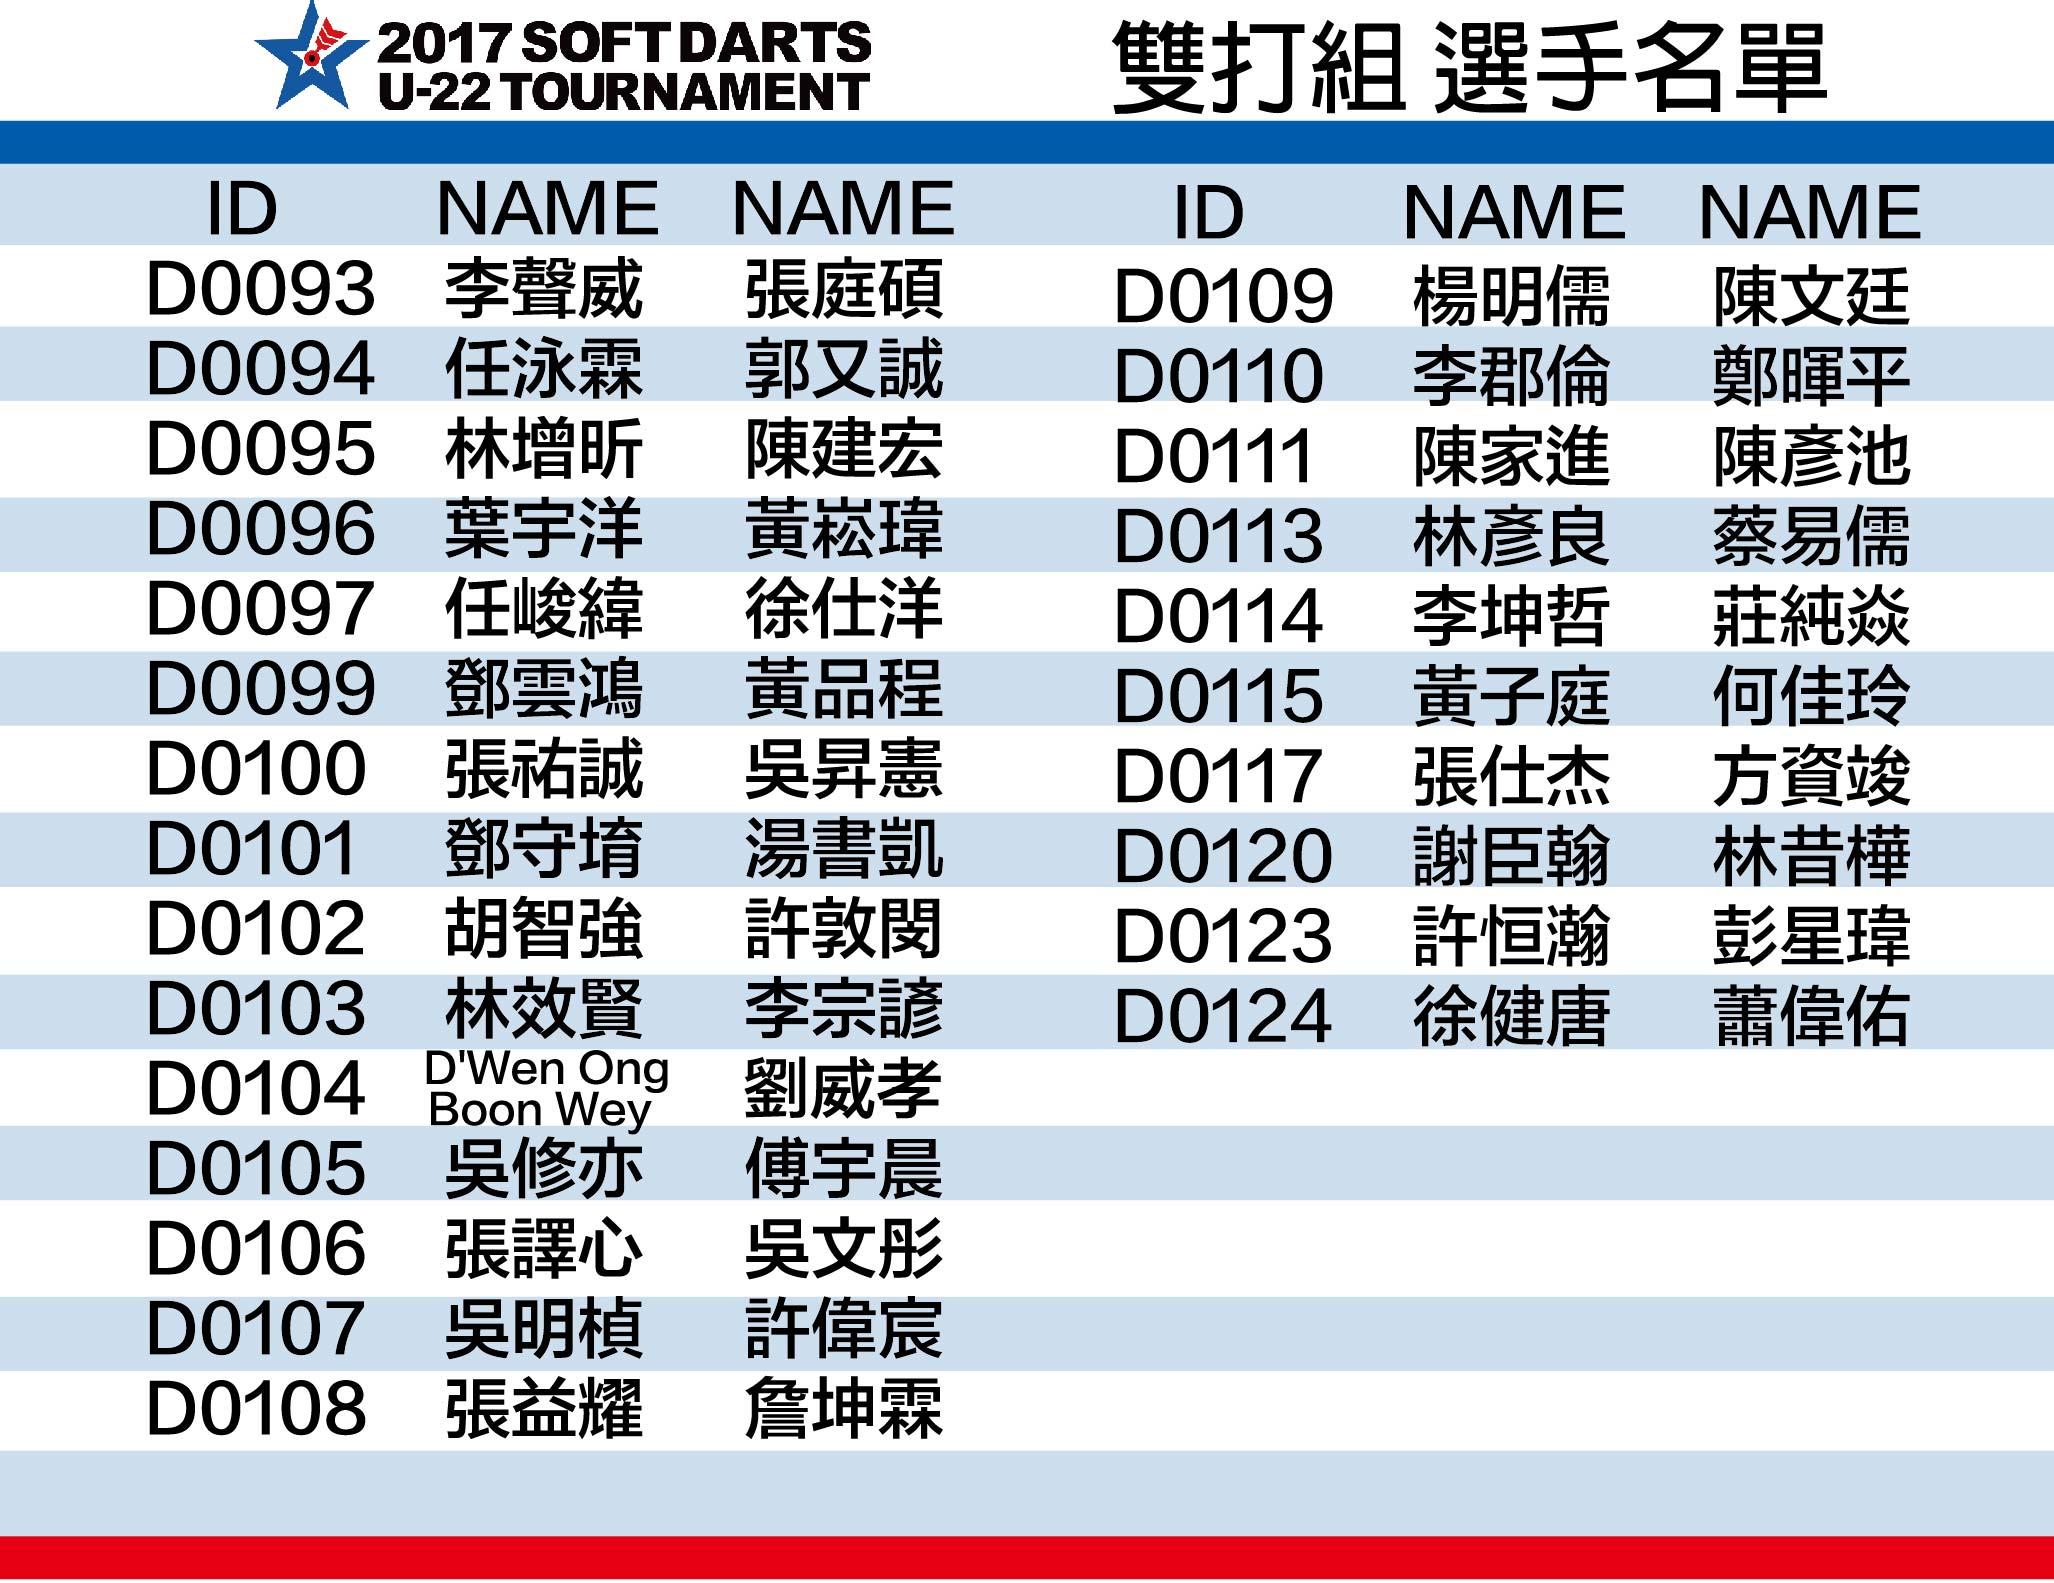 2017 SOFT DARTS U-22 TOURNAMENT